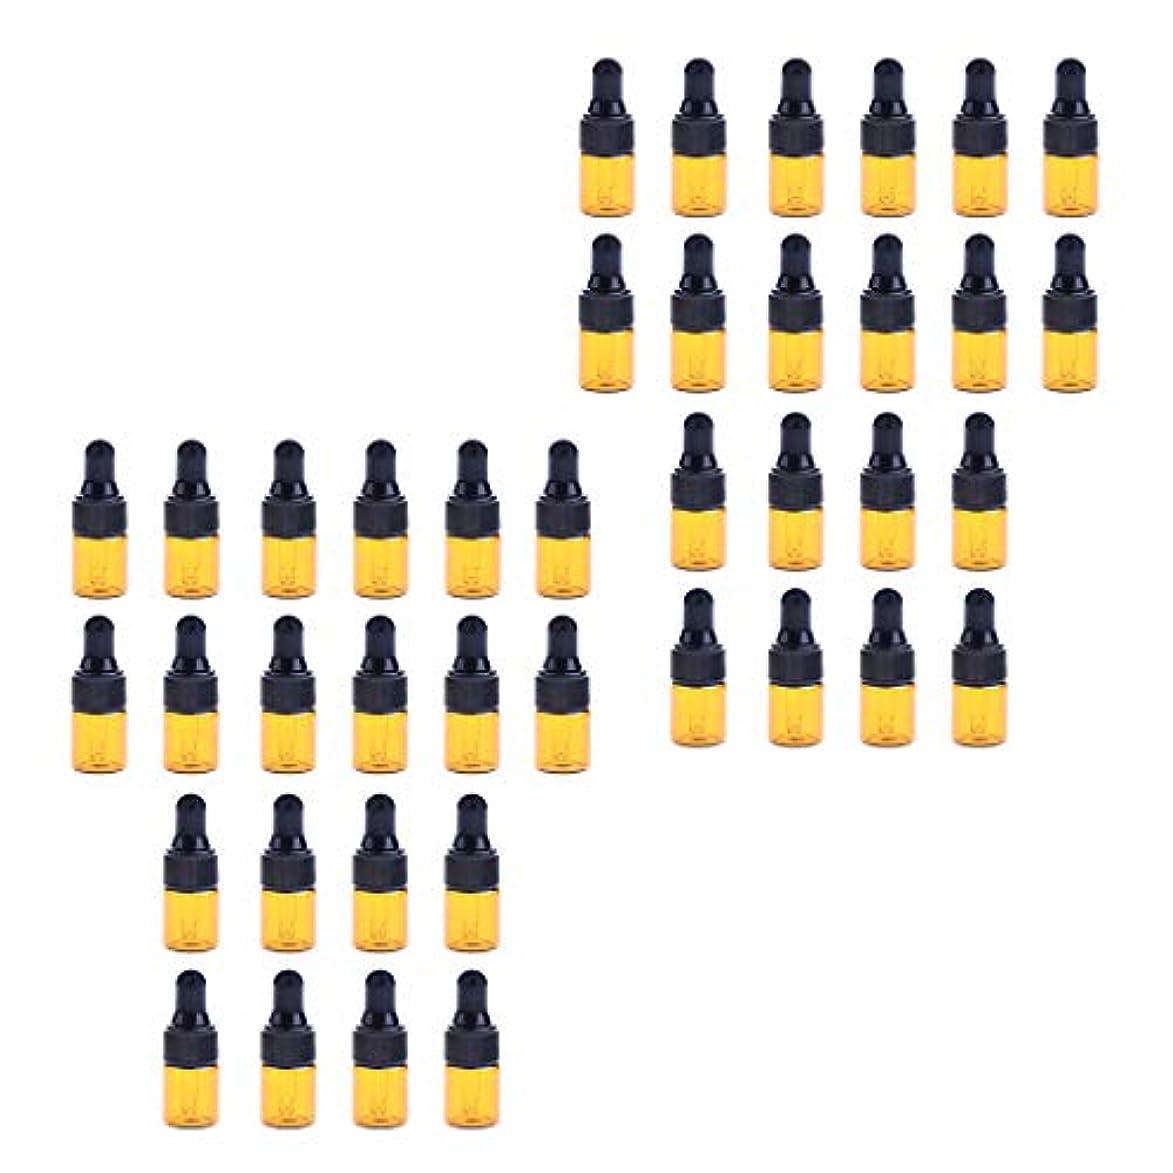 幻想的説教するクリップ蝶ドロッパーボトル ガラス瓶 エッセンシャルオイル 精油 保存容器 詰め替え 小型 1ml /2ml 40個入